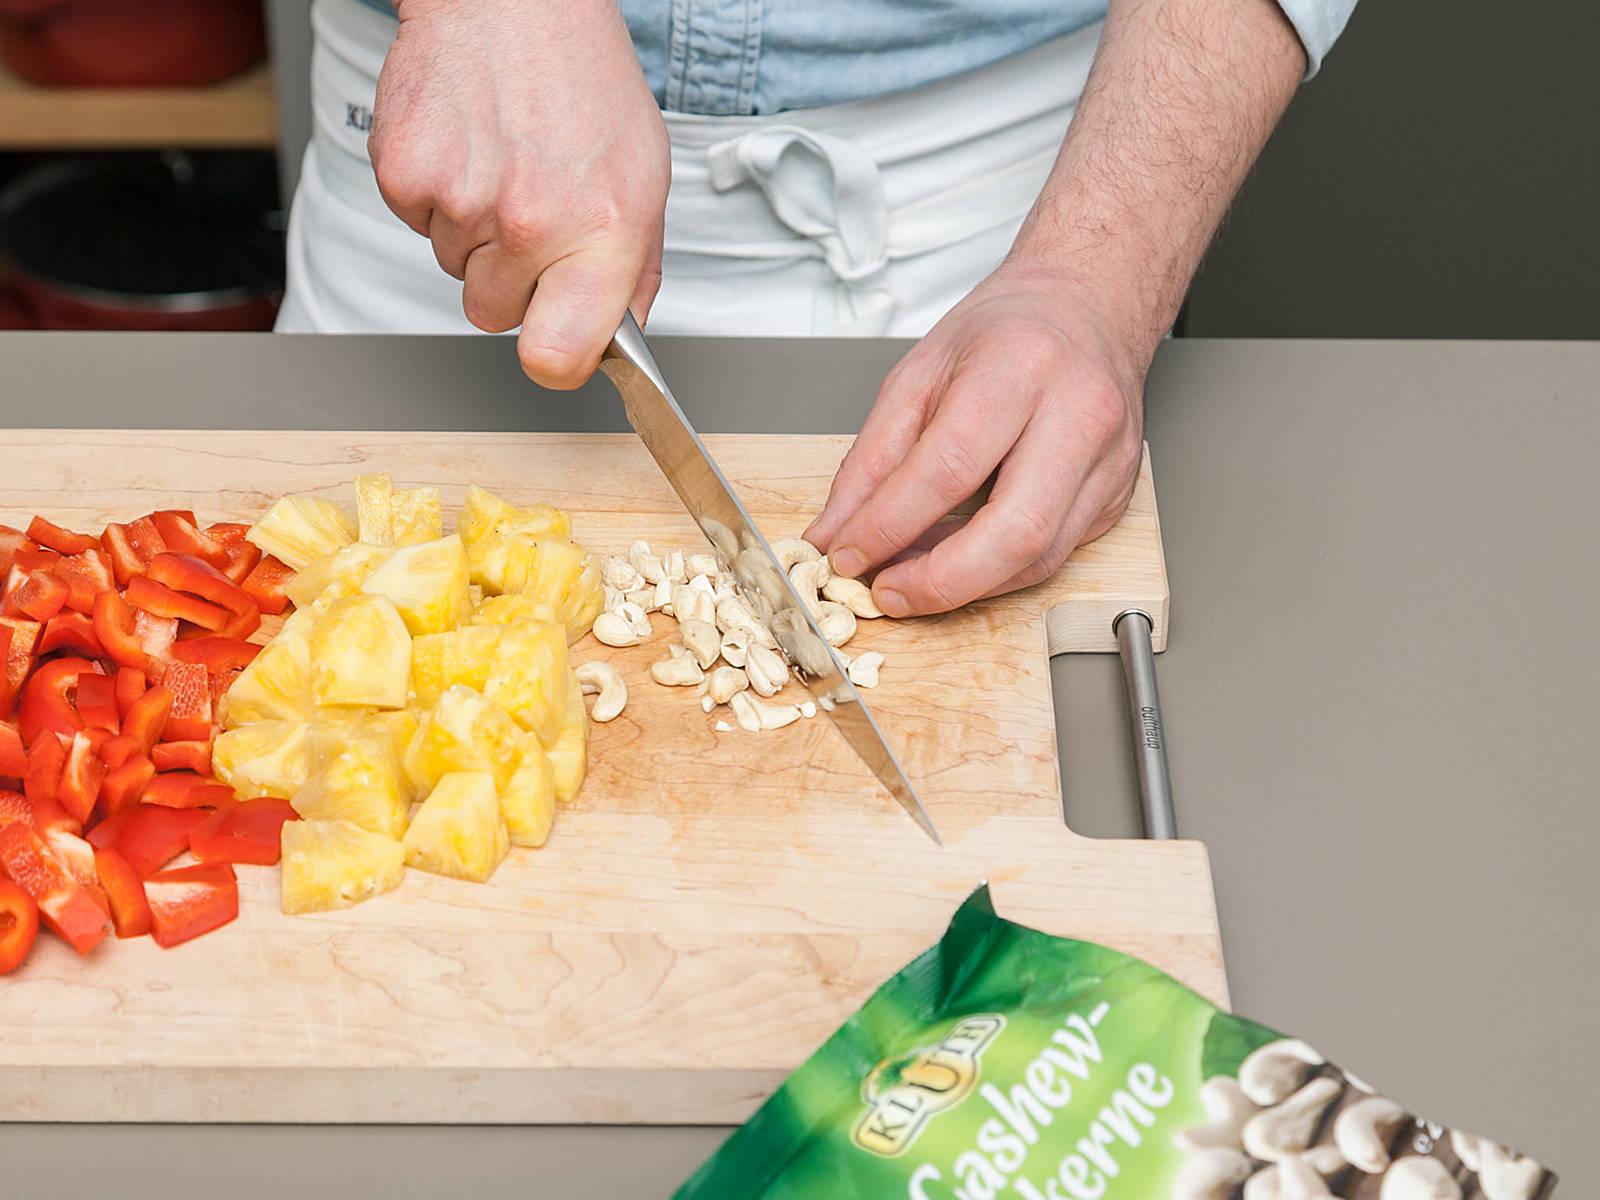 菠萝削皮后切片,灯笼椒也切片,待用。洋葱去皮切丁。大略剁碎腰果。